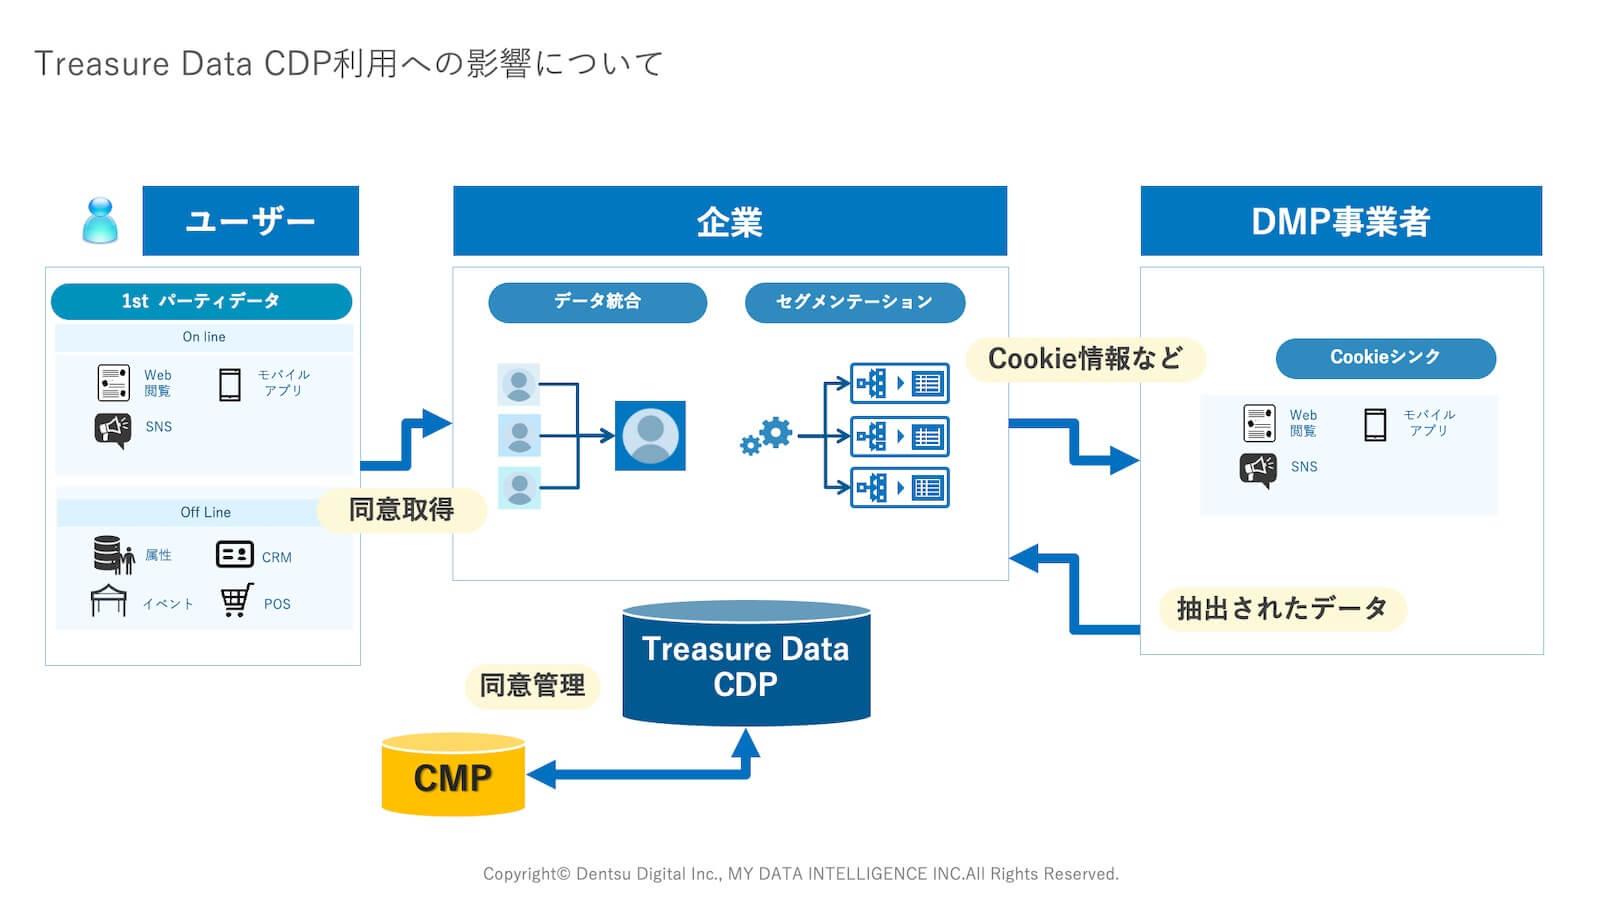 Treasure Data CDPとCMP